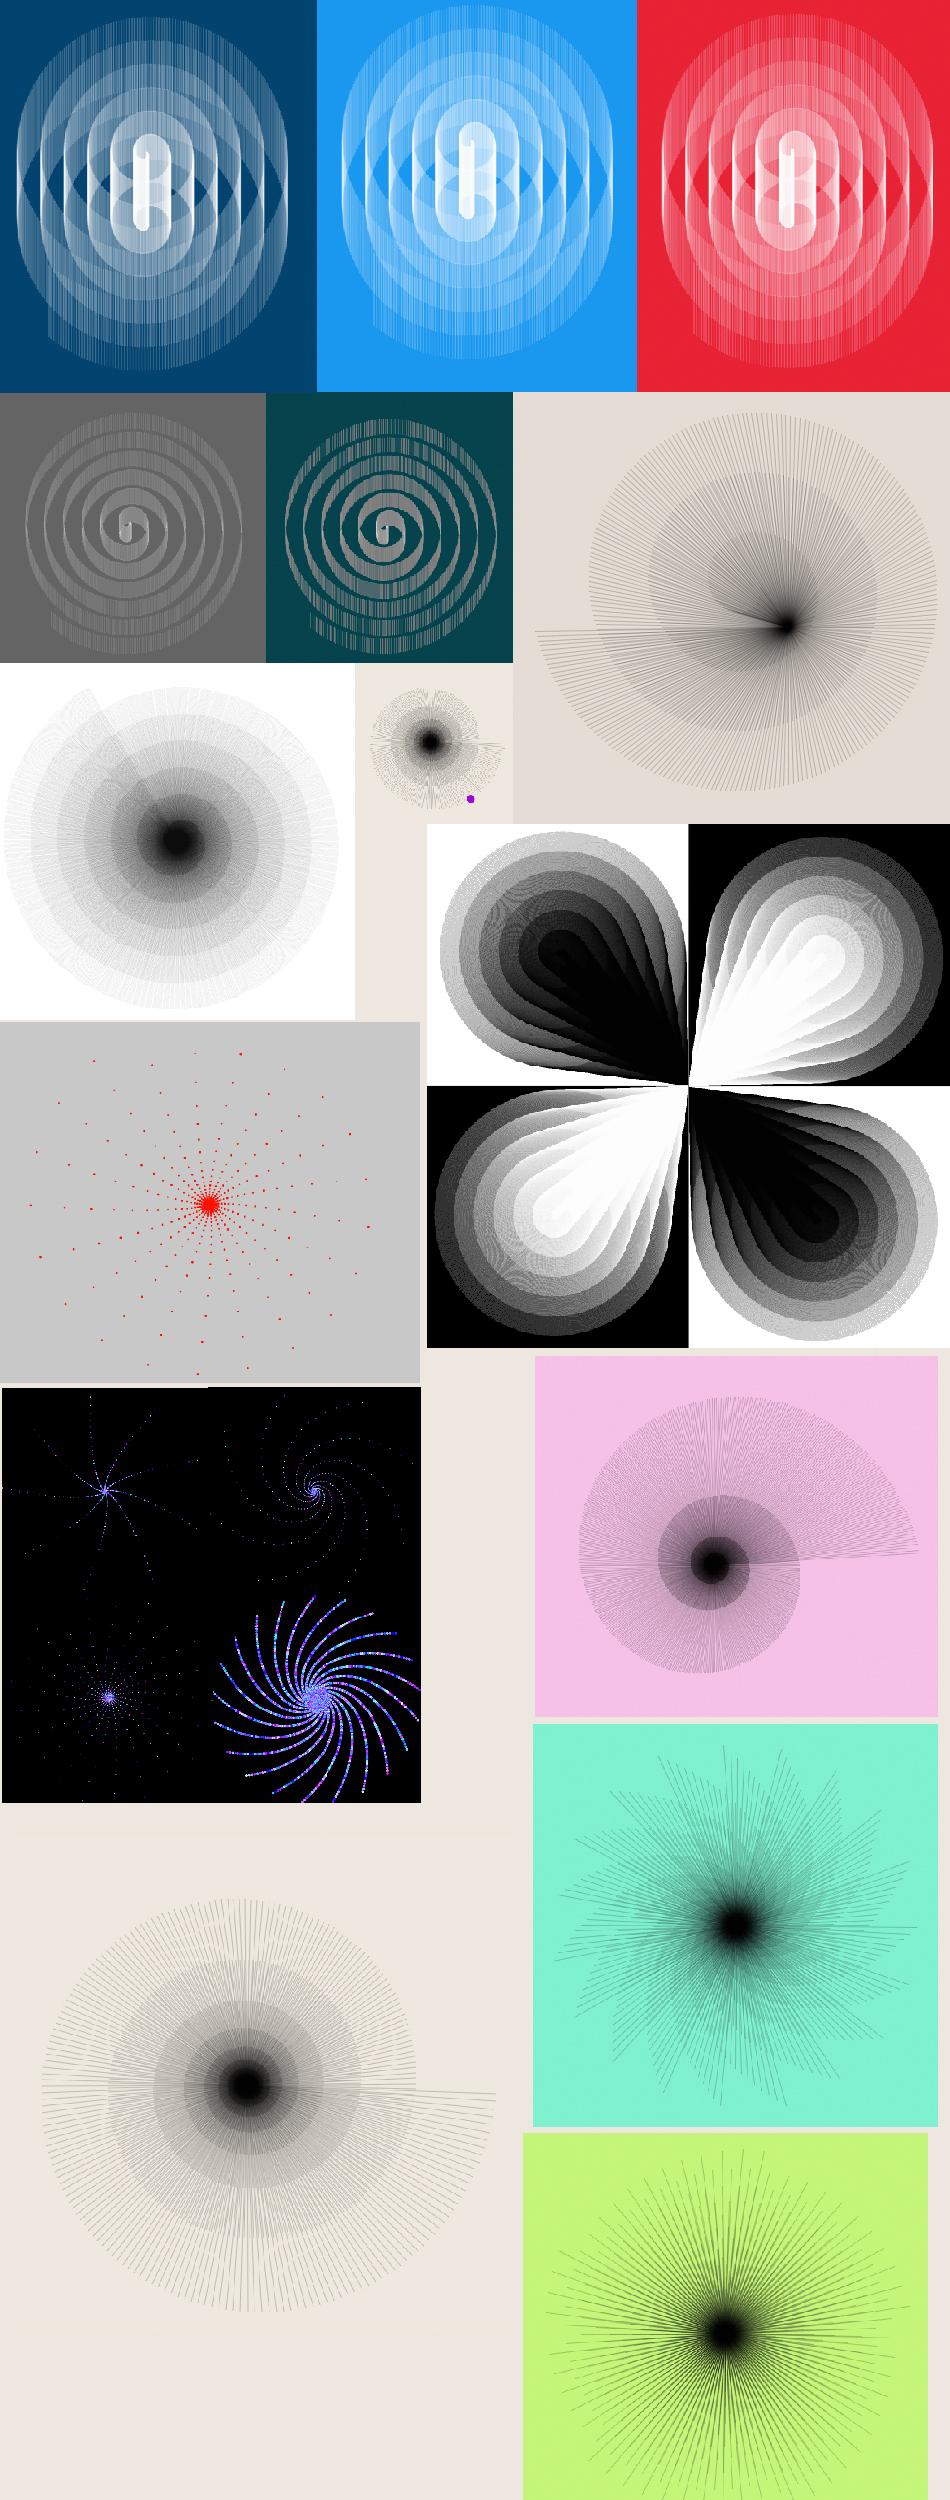 spirals-collection